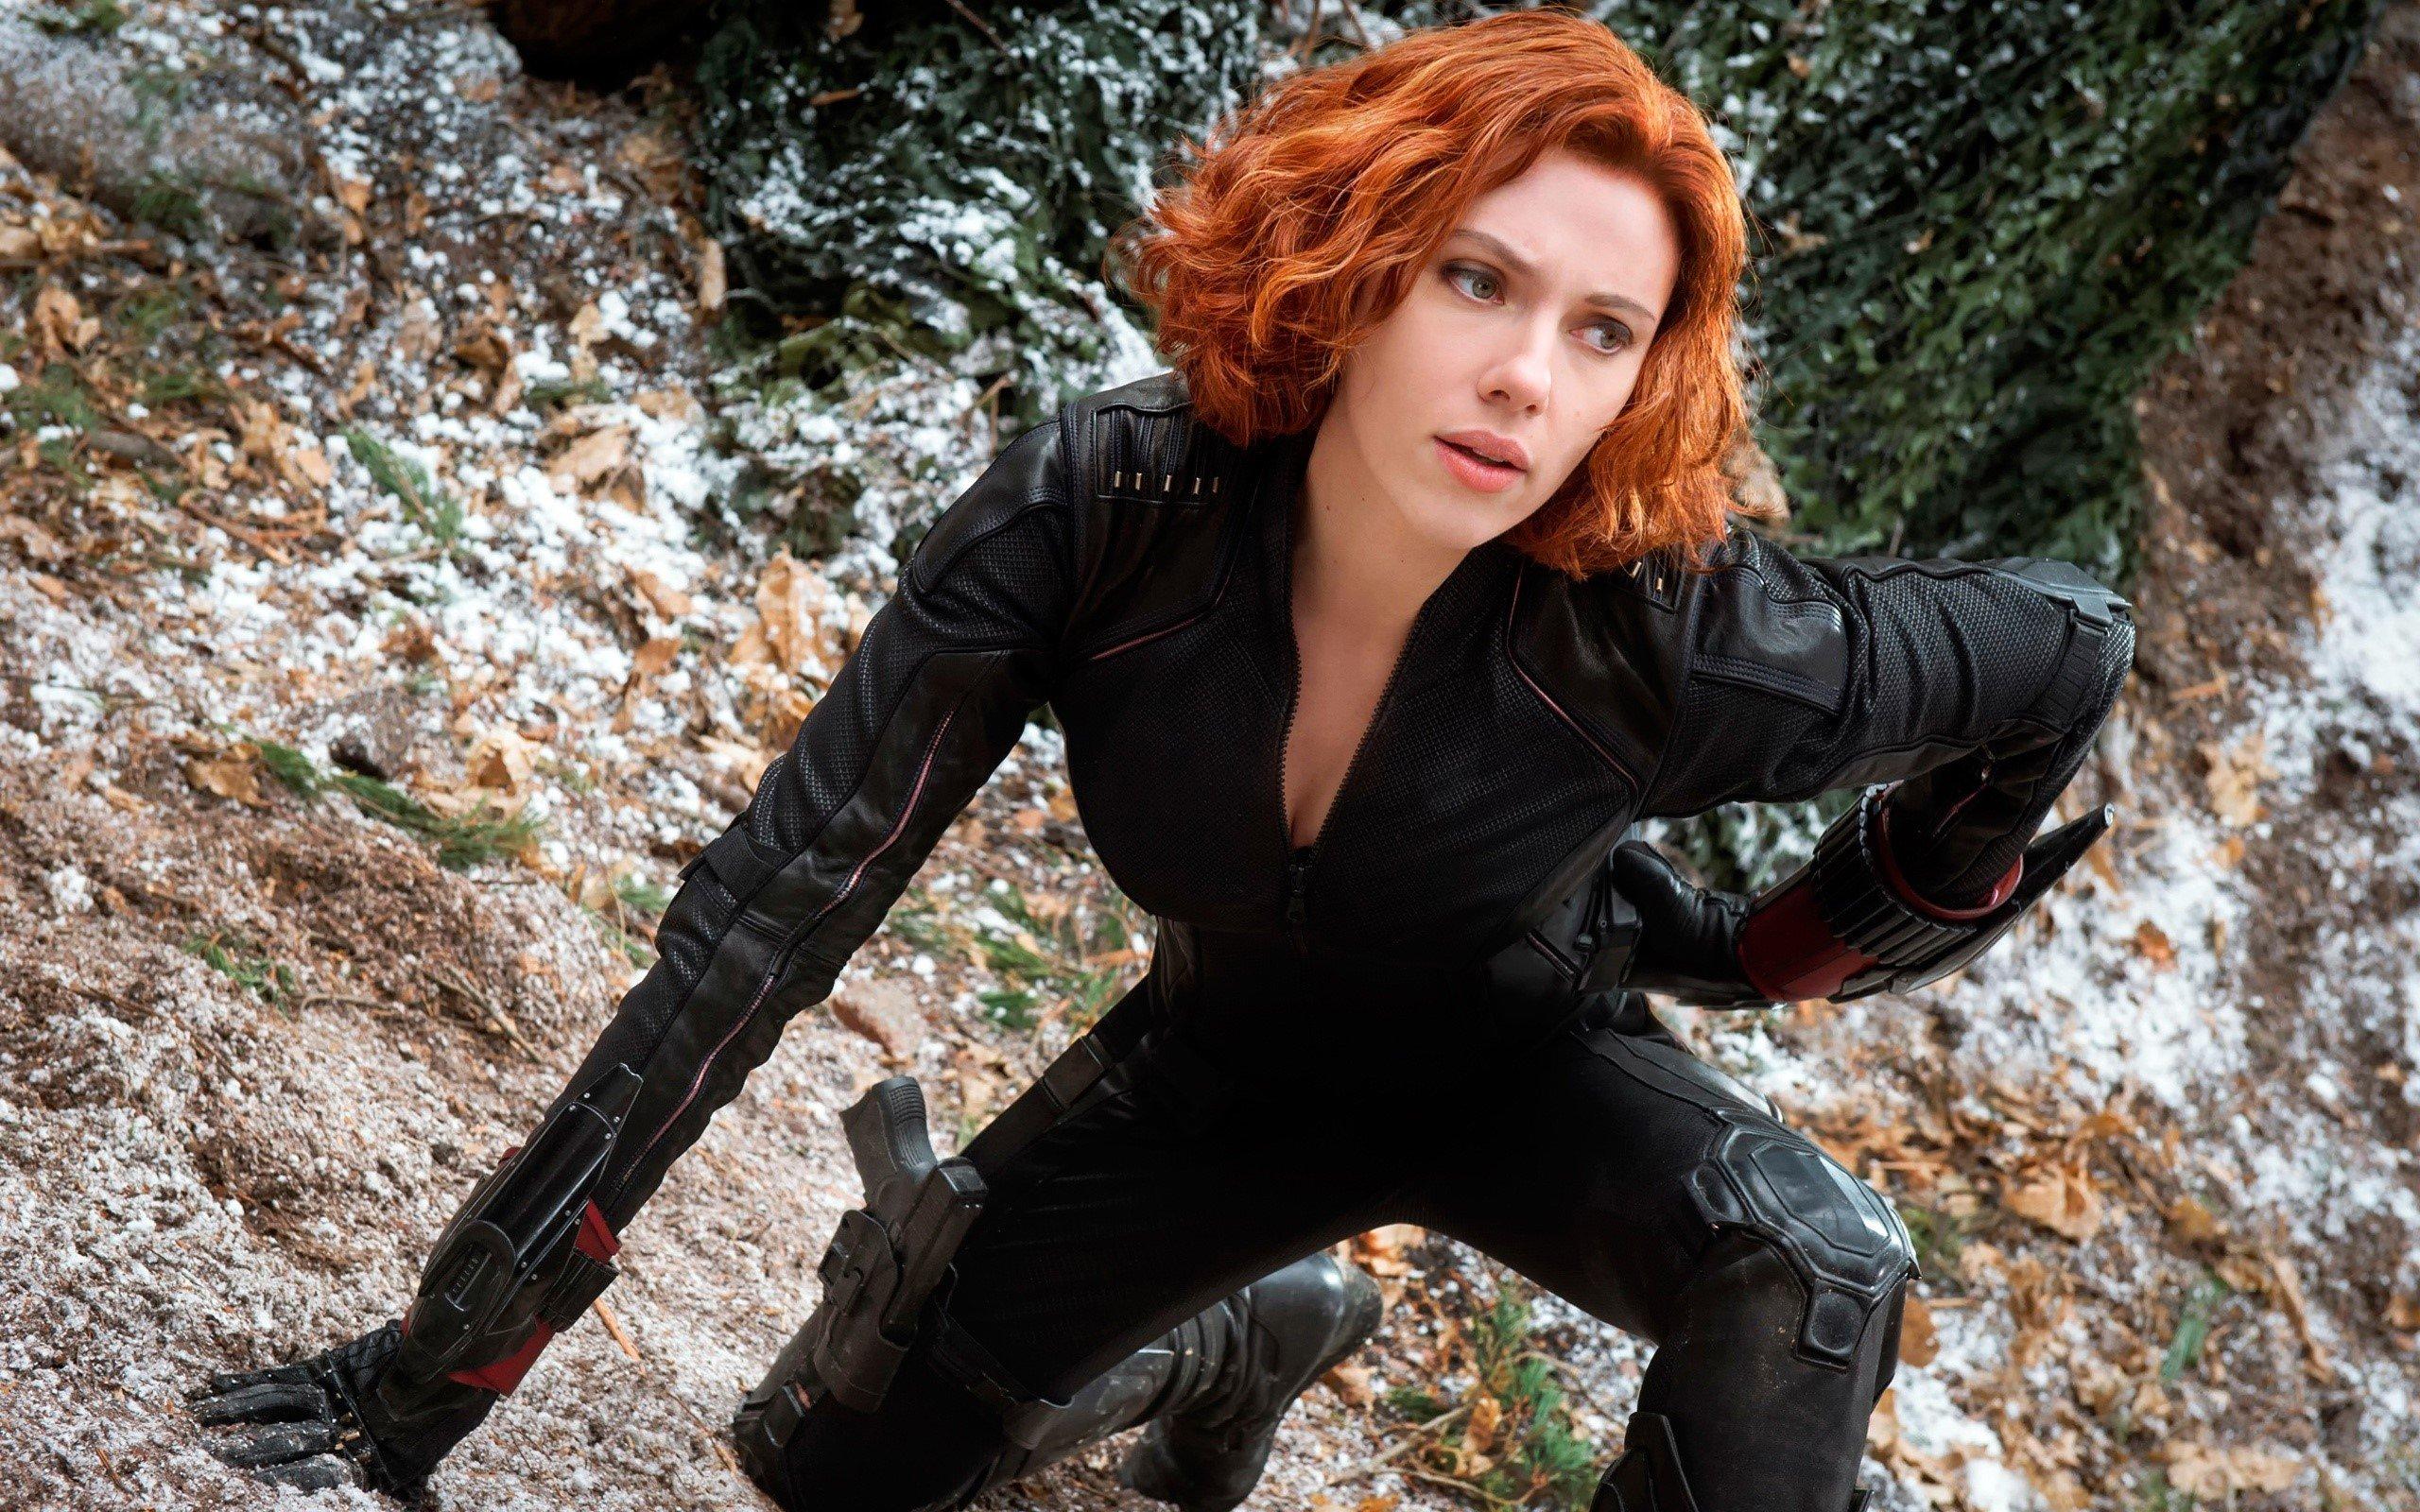 Wallpaper Black Widow in The Avengers 2